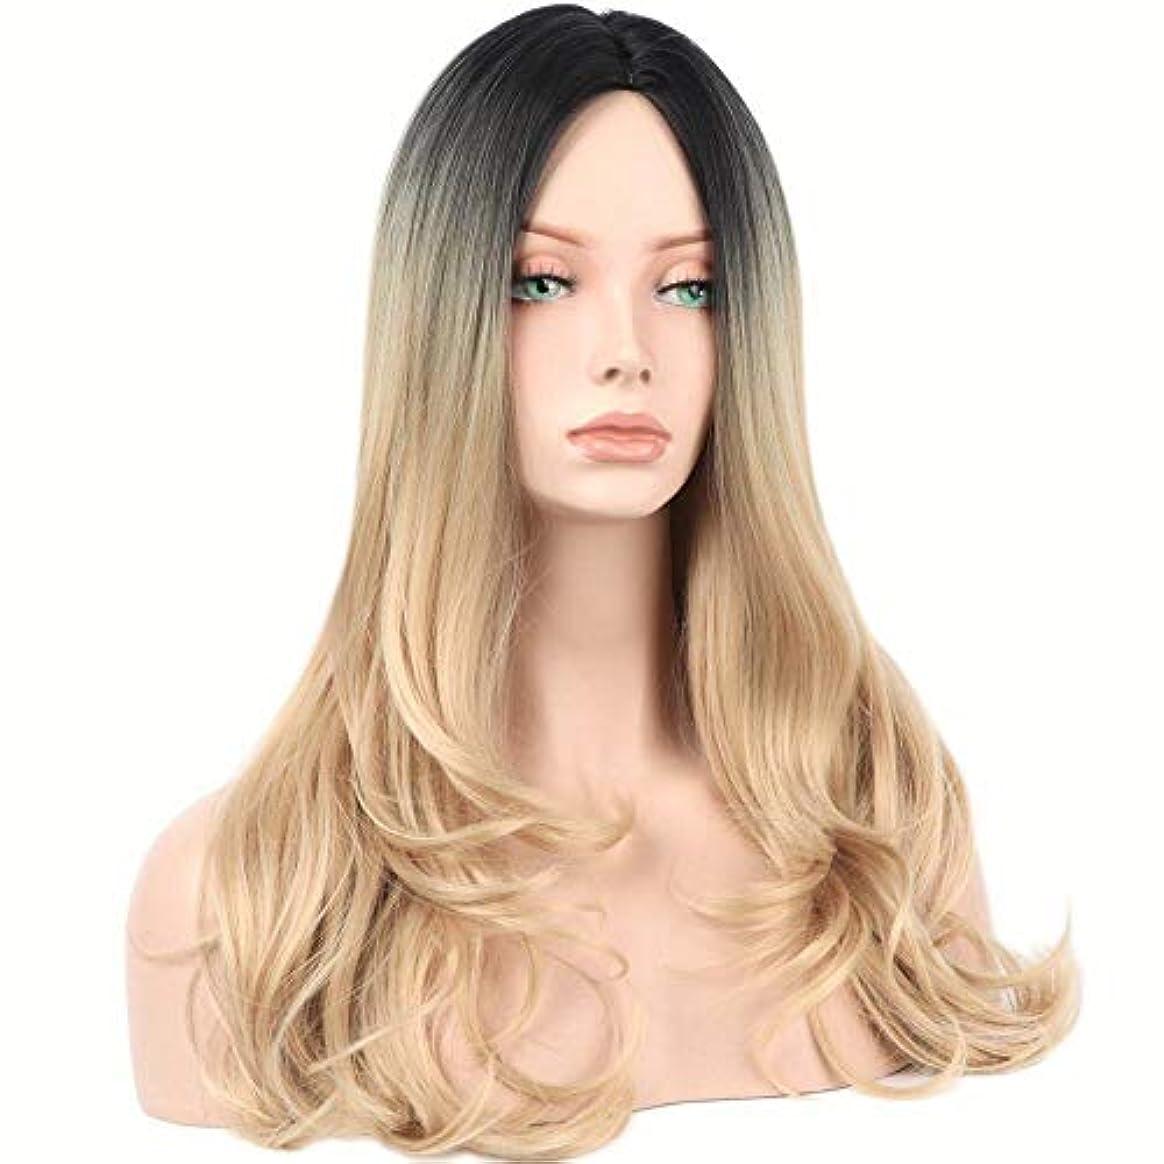 初期苦しむ素晴らしきWASAIO レディースロングストレートウィッグ人工毛オンブルブロンドロングカーリーヘアーコスプレウィッグ (色 : Blonde)